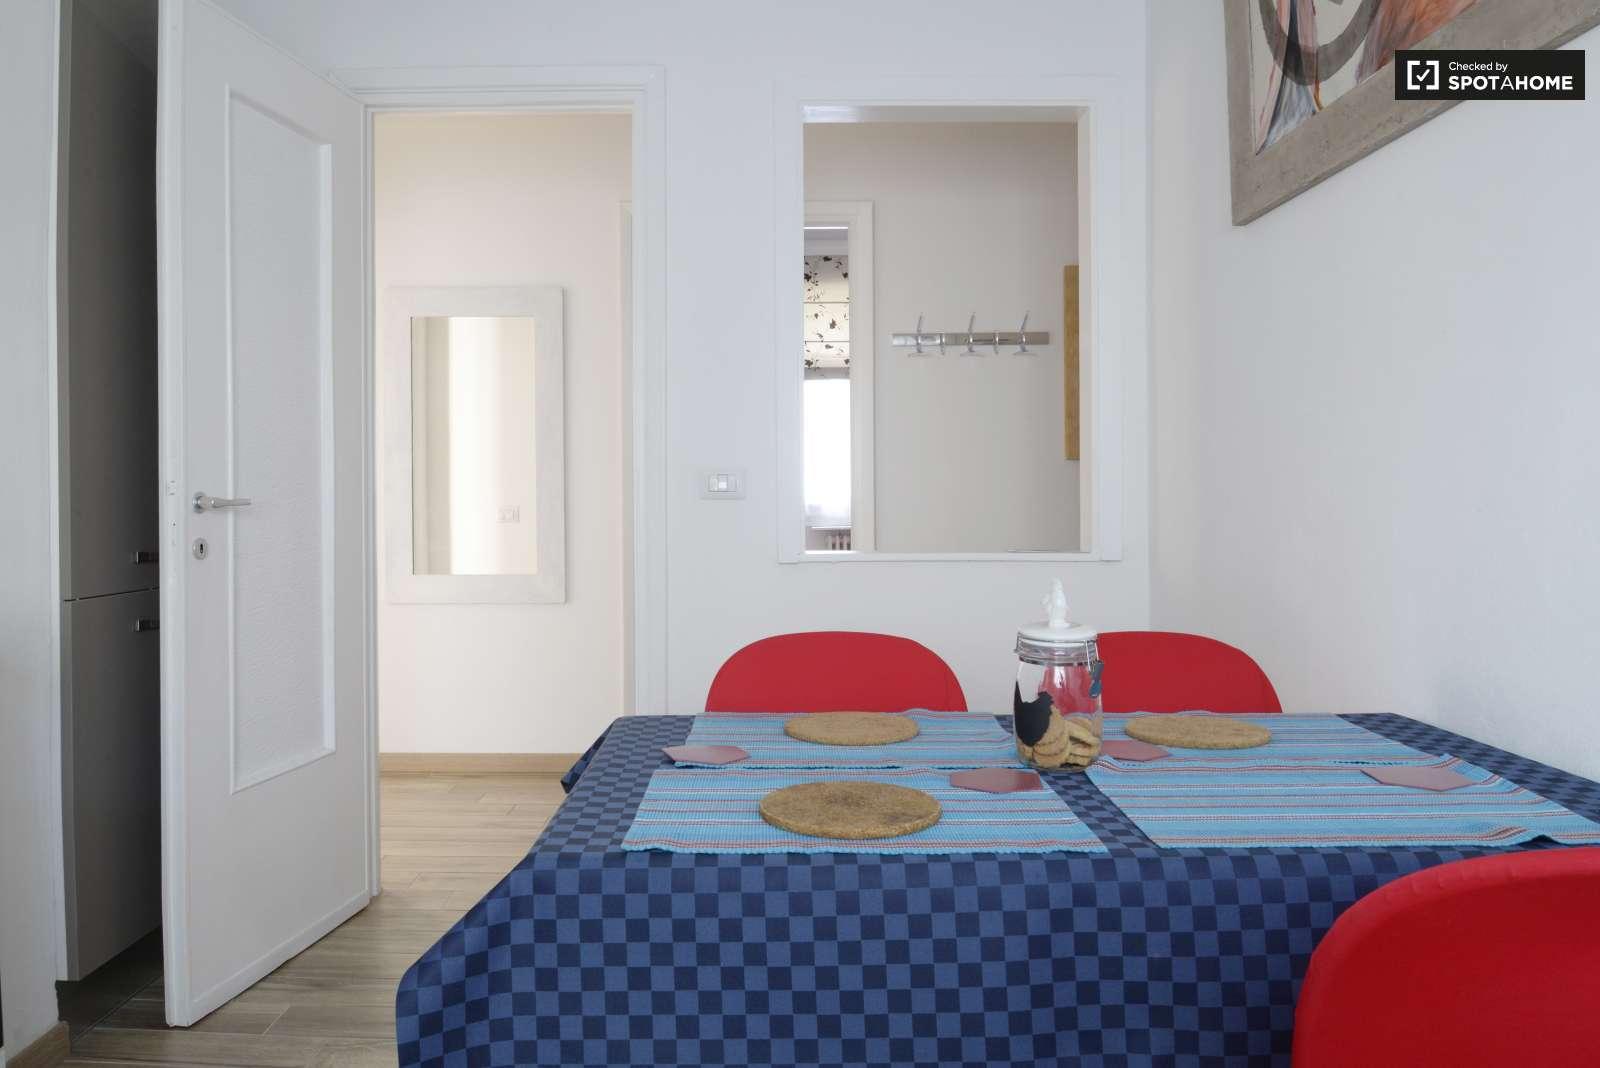 Stanza esterna in un appartamento in affitto barona for Planimetrie della sala da pranzo della cucina aperta